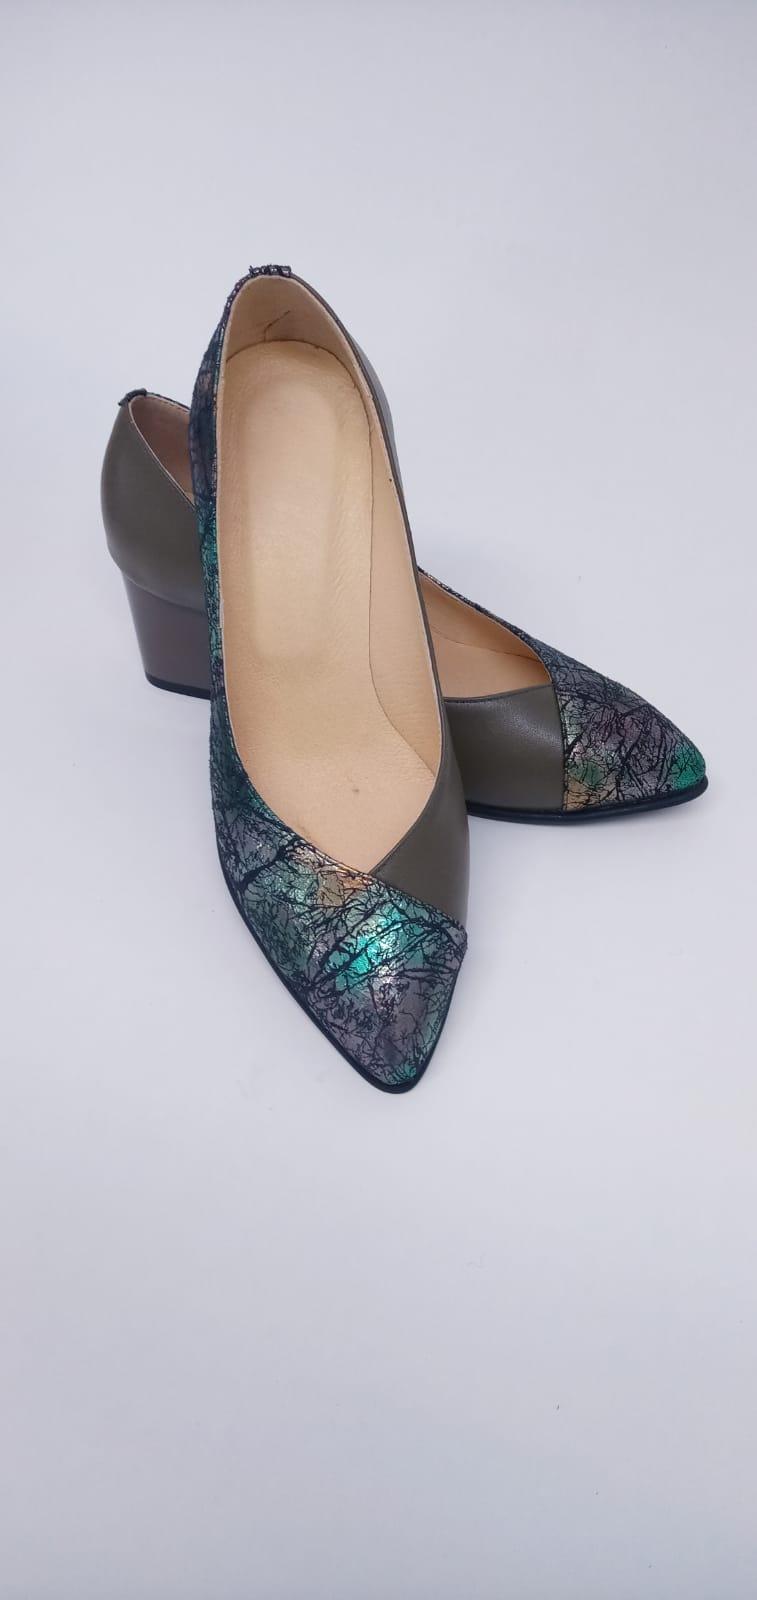 Pantofi din piele naturala cu print abstract